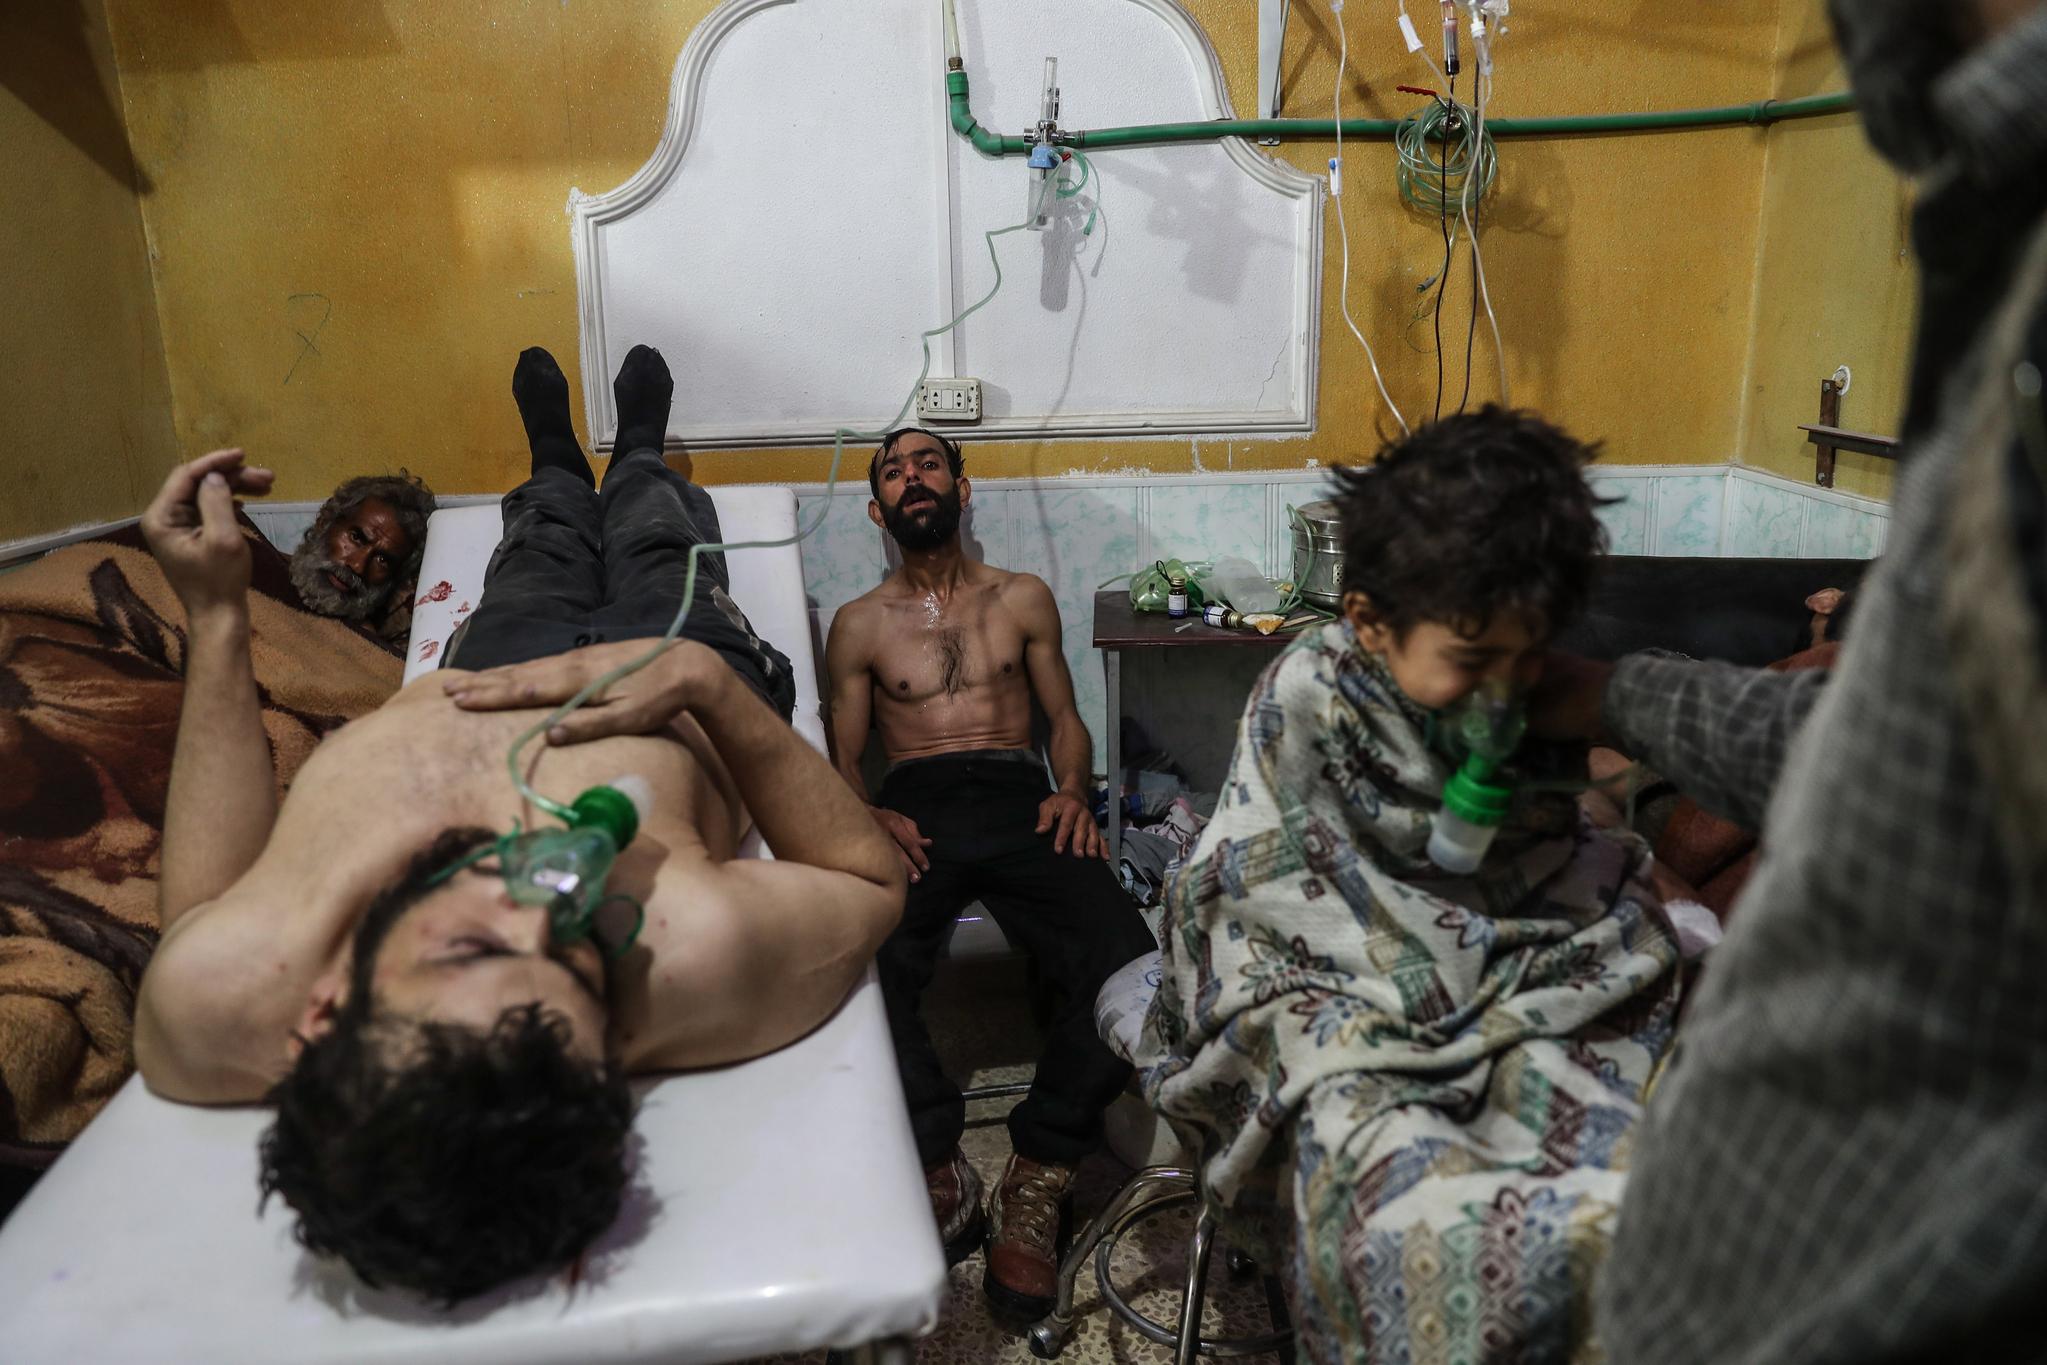 작년 2월 시리아 동부의 한 지역에서 가스공격을 받은 주민들이 병원에서 응급치료를 받고 있다. 이 사진은 'Syria,No Exit'라는 주제의 스팟뉴스 스토리부문 2위상을 수상했다.[EPA=연합뉴스]